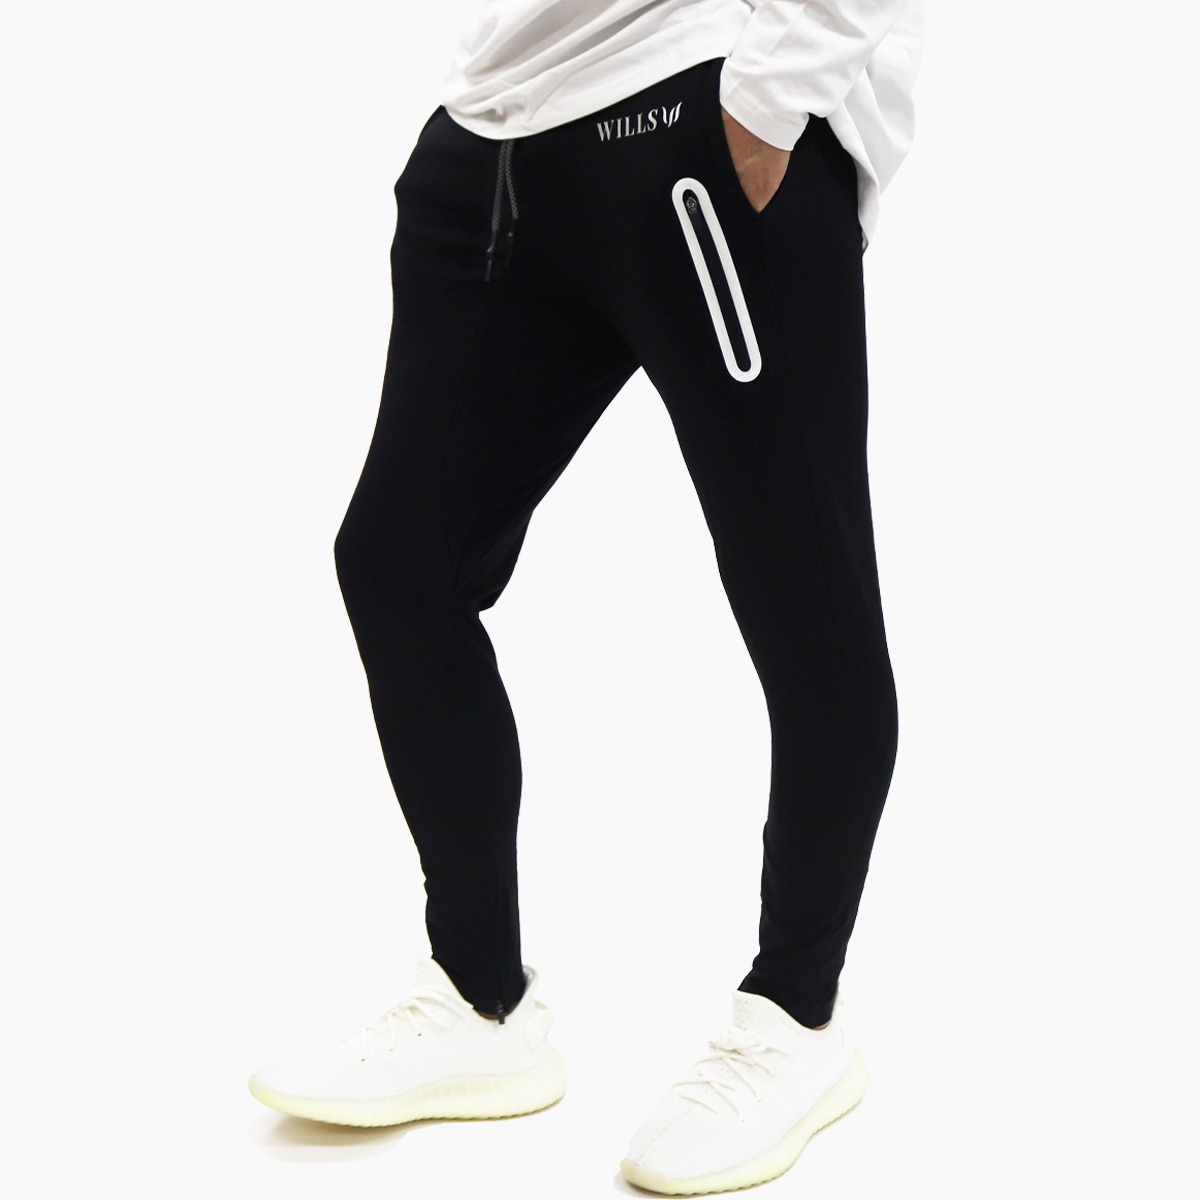 STRETCH UTILITY PANTS - BLACK